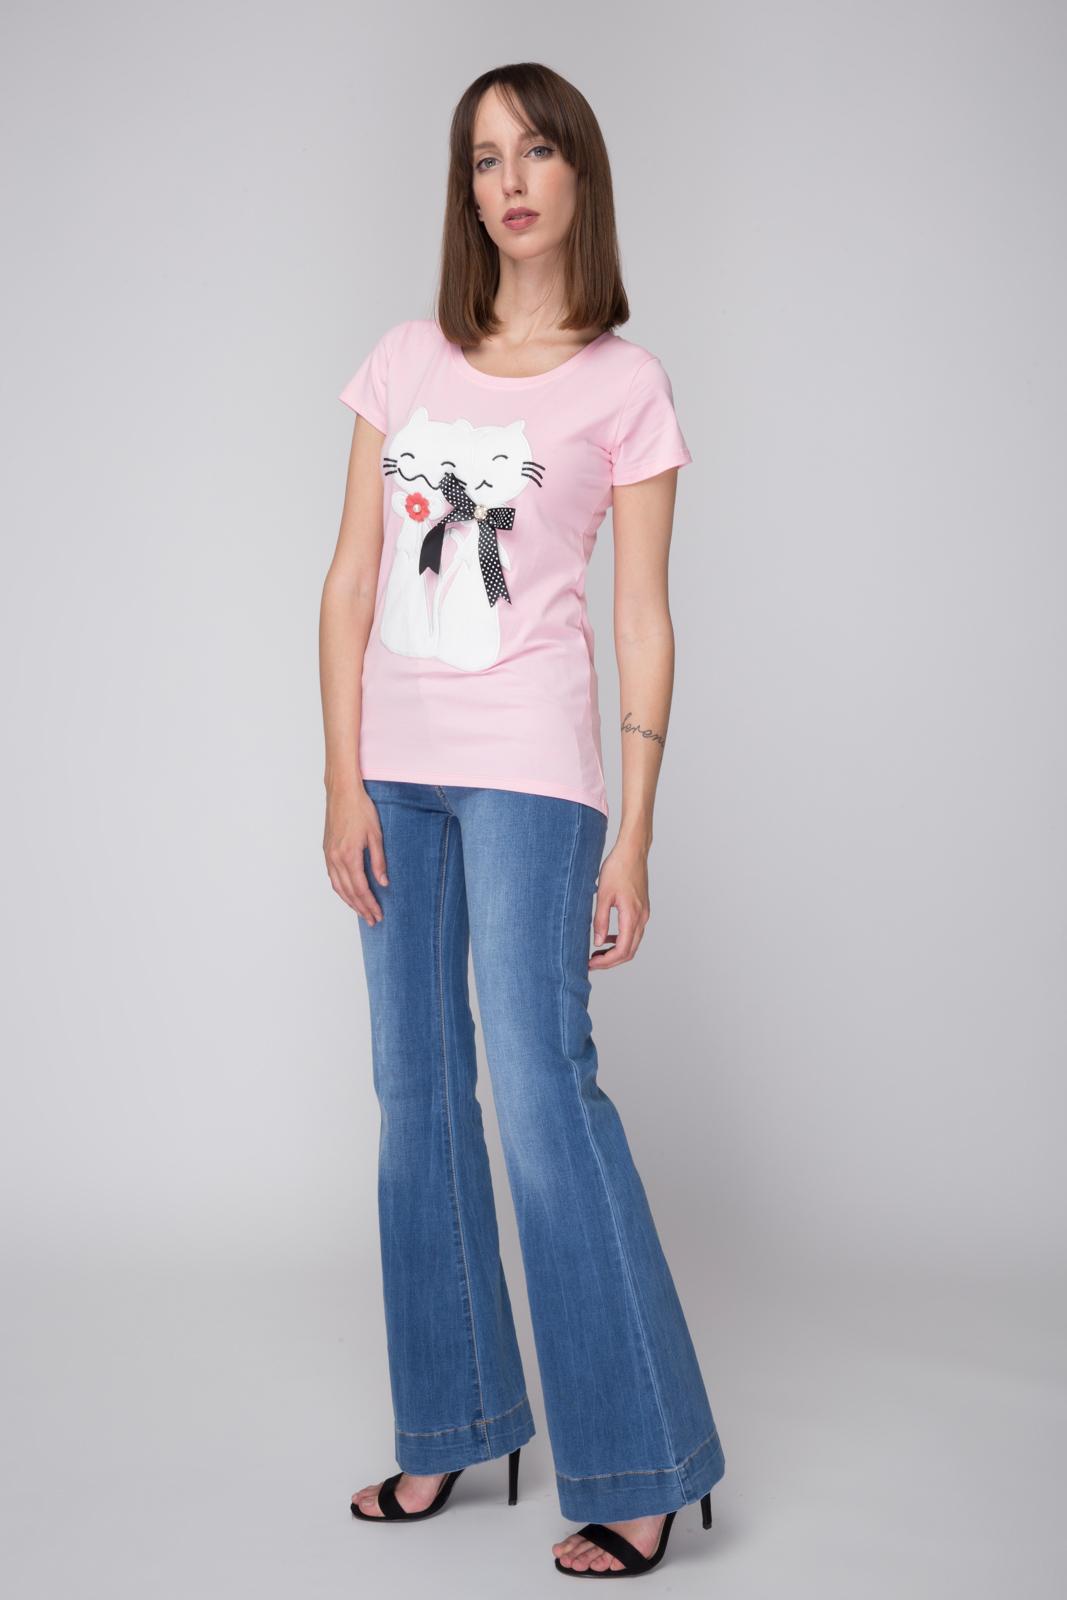 Μπλούζα με Απλικέ Γάτες 96bbc508429